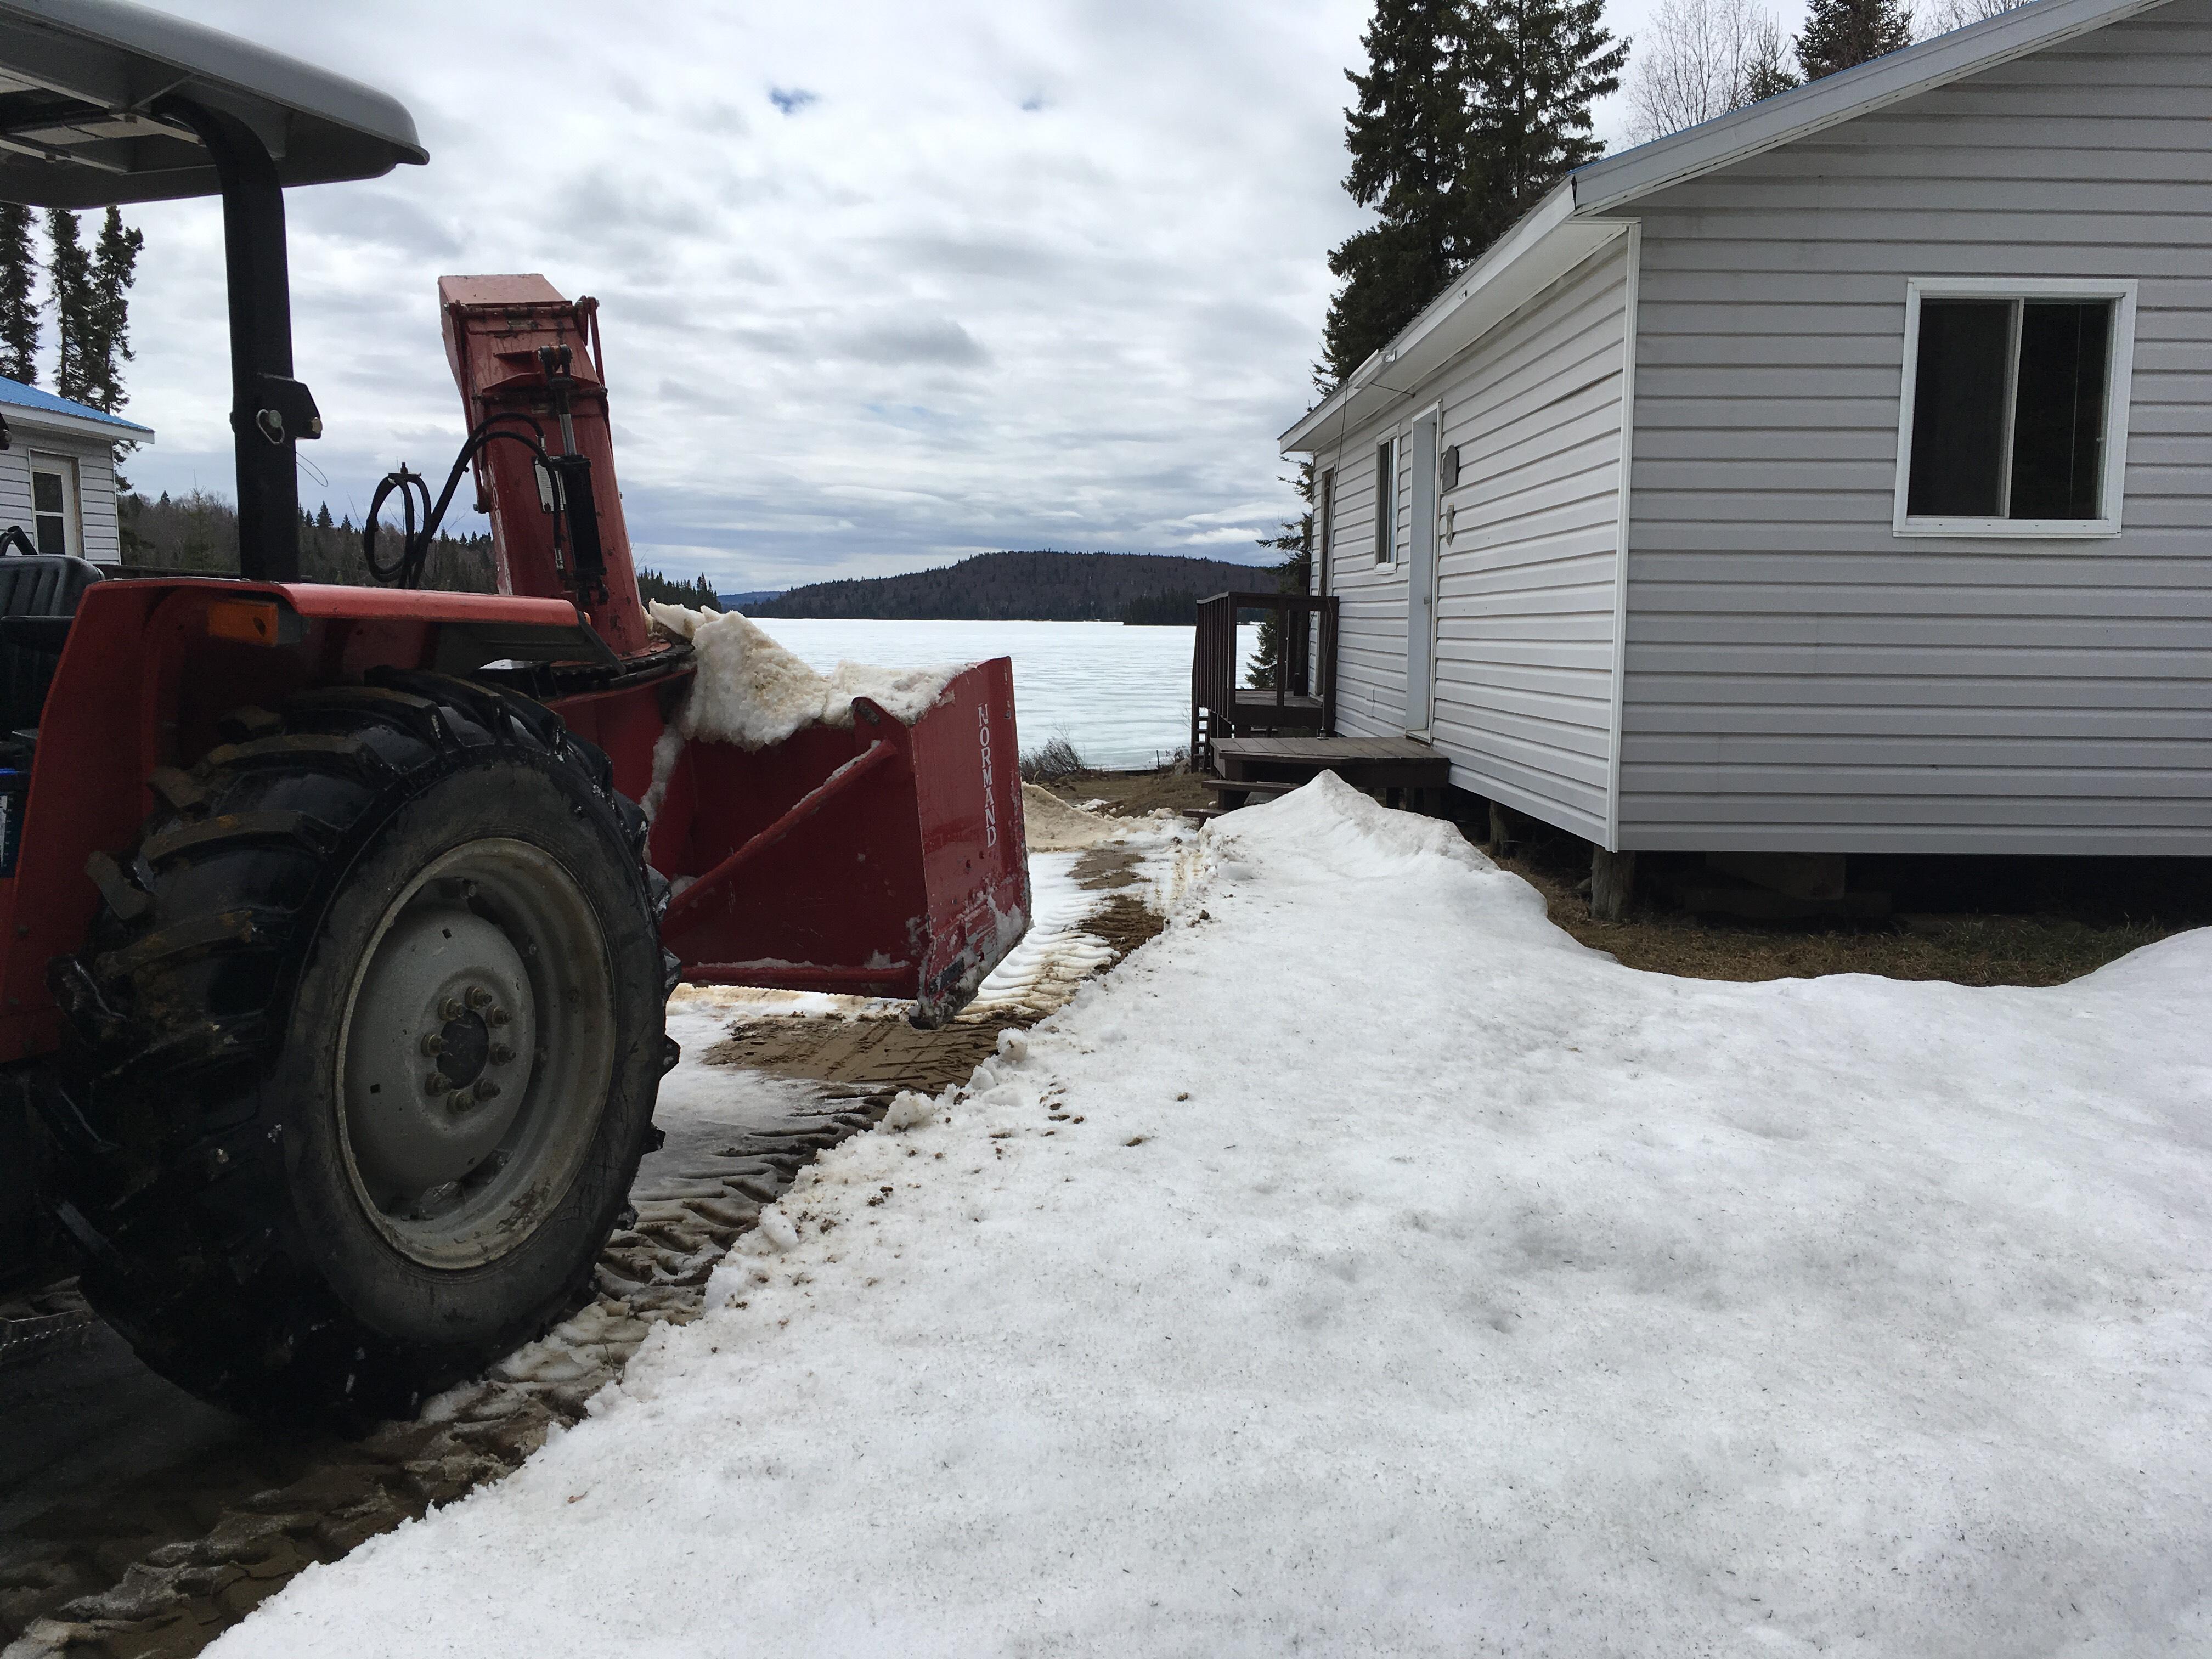 Entre le dégel des lacs et la mise à l'eau des embarcations…